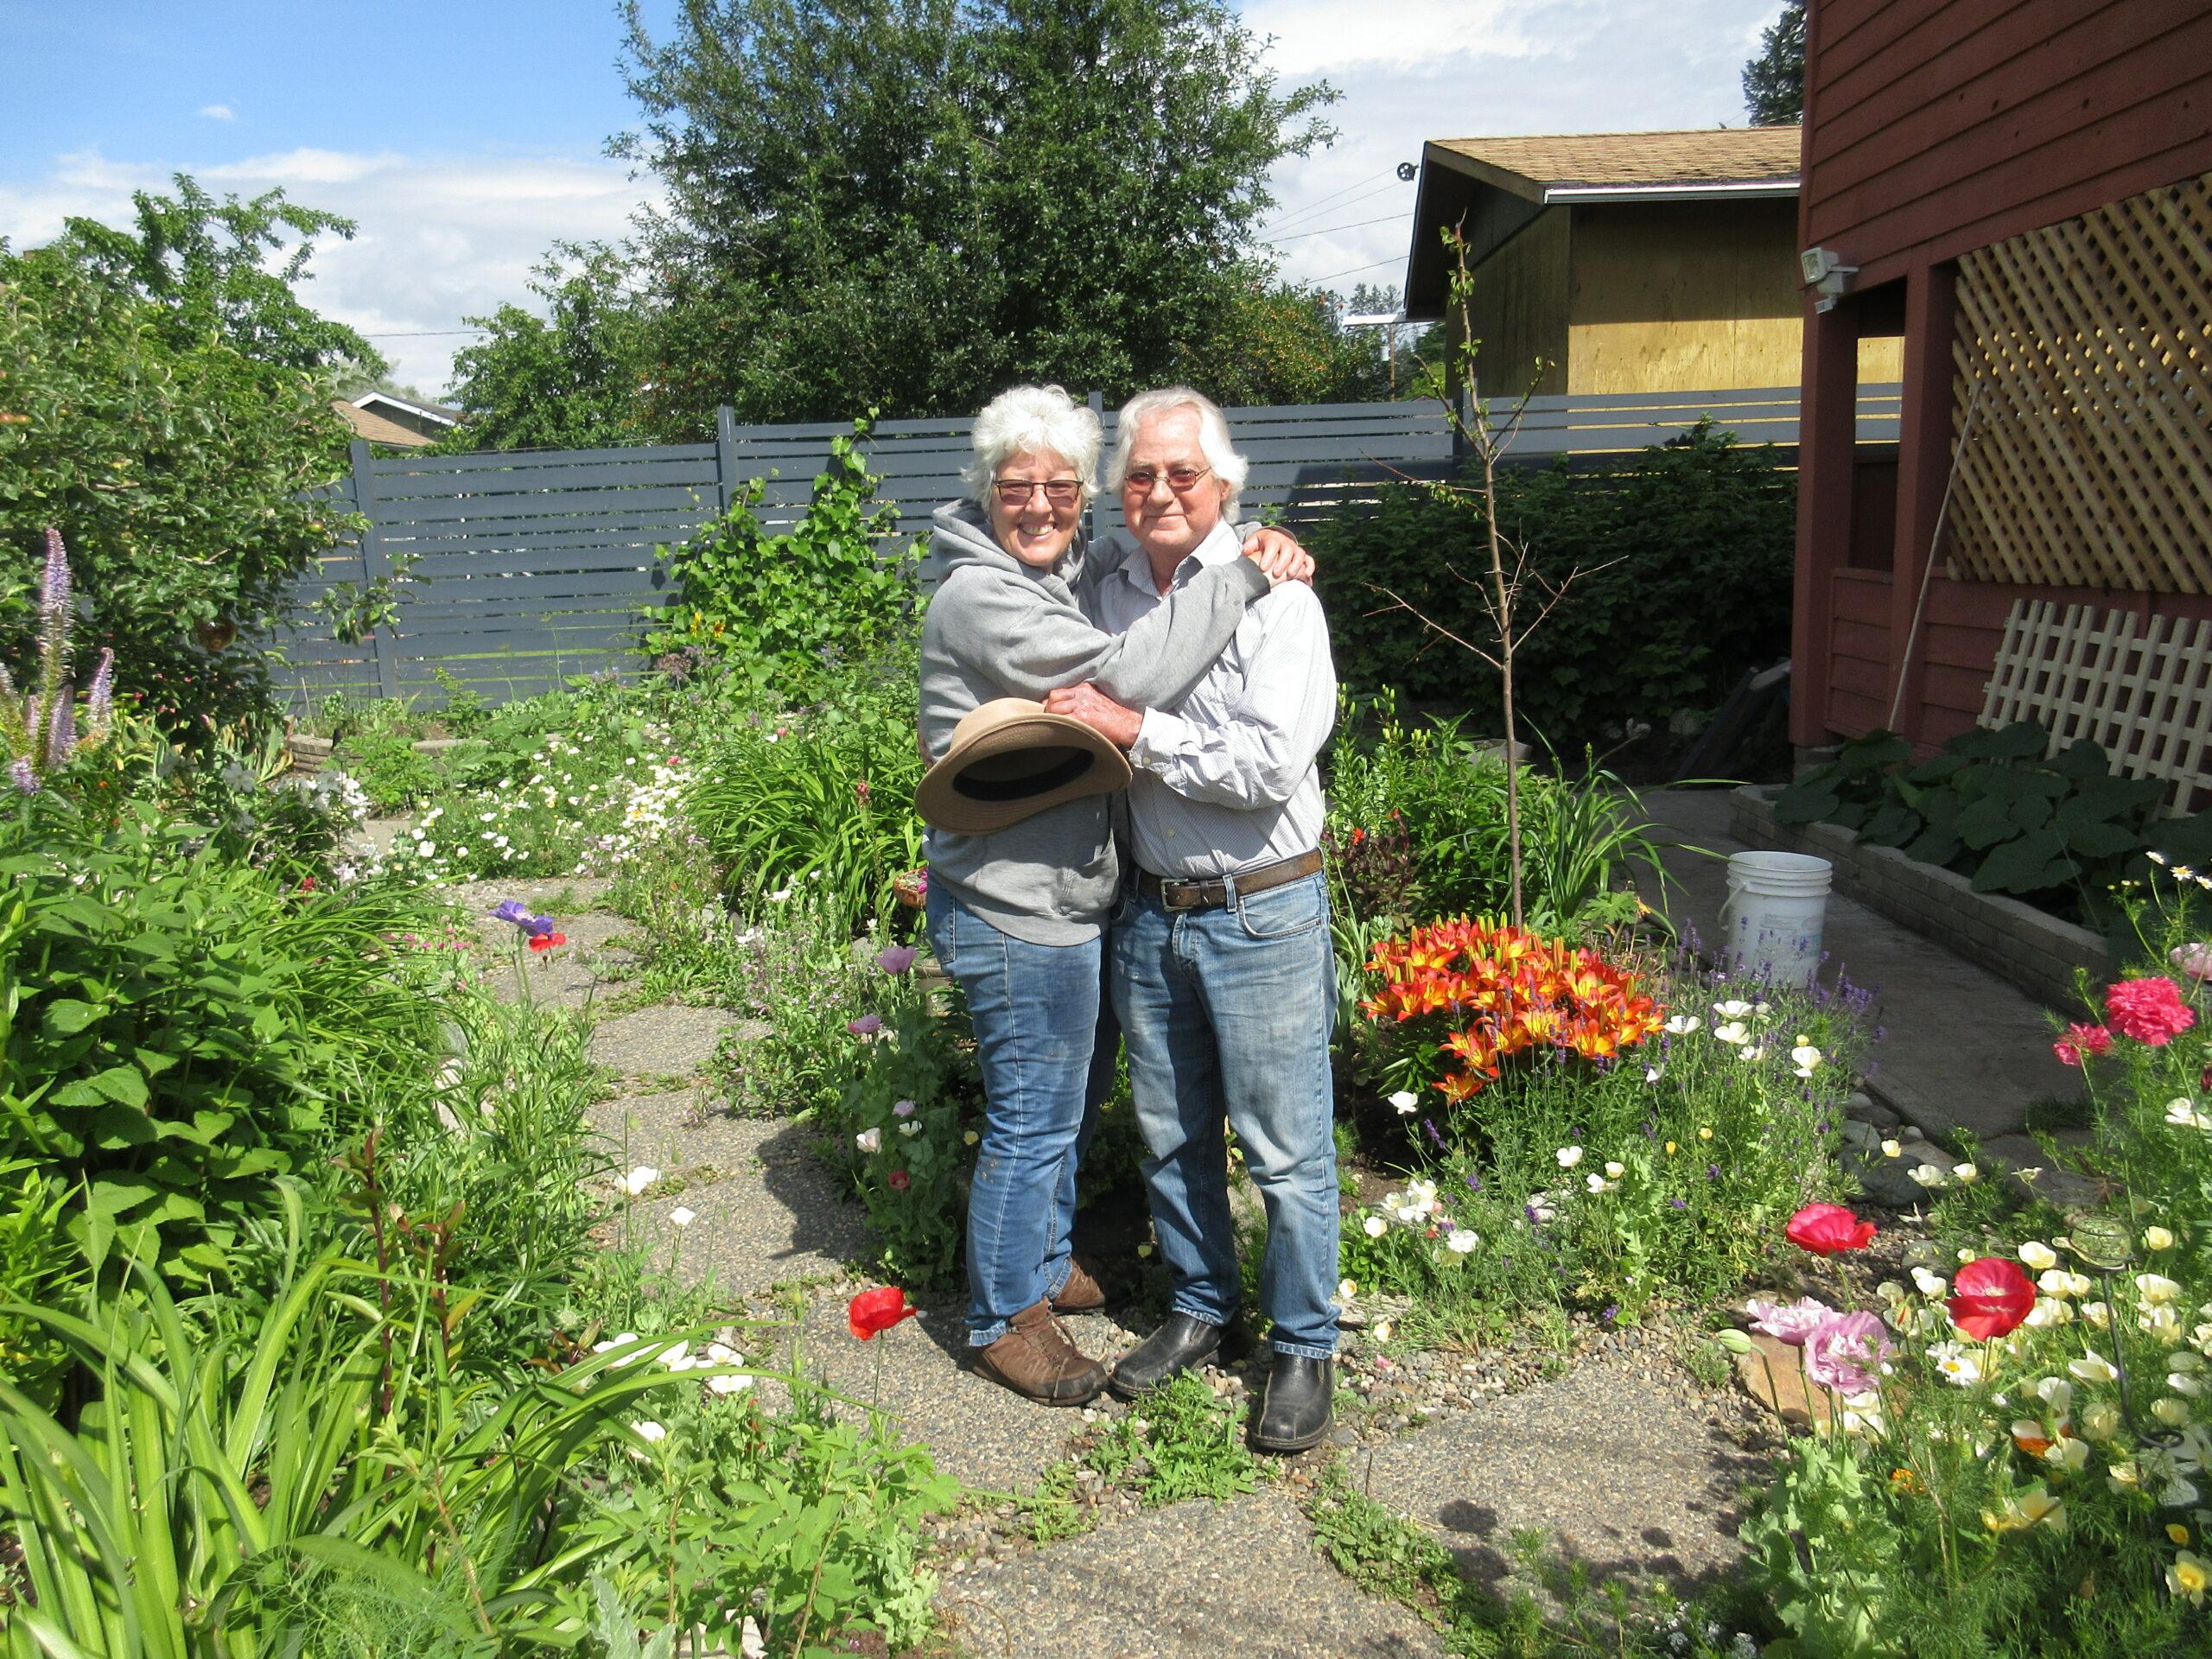 gardeners posing in her garden